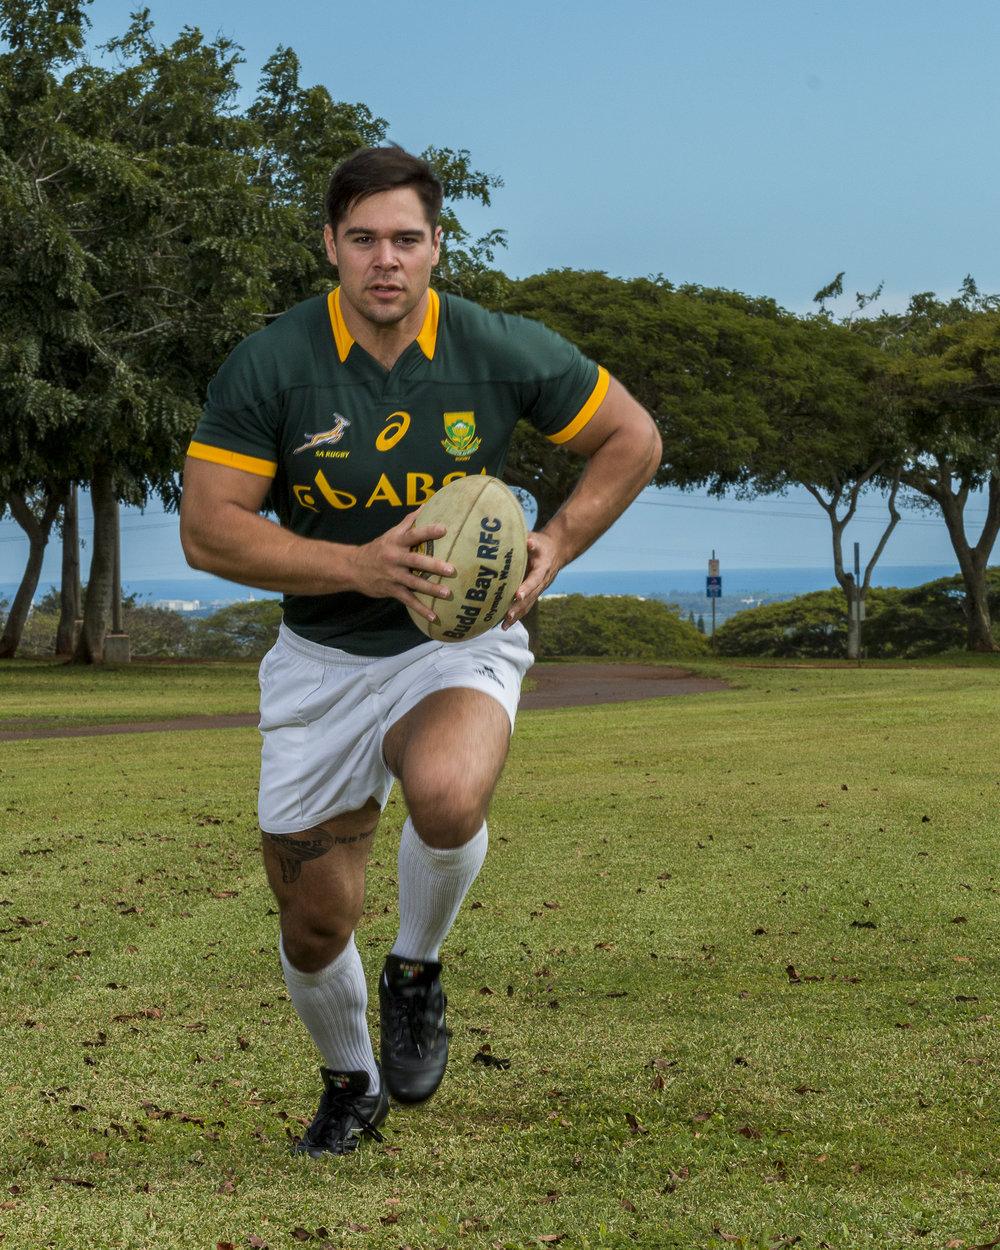 Rugby-Paul-06.jpg